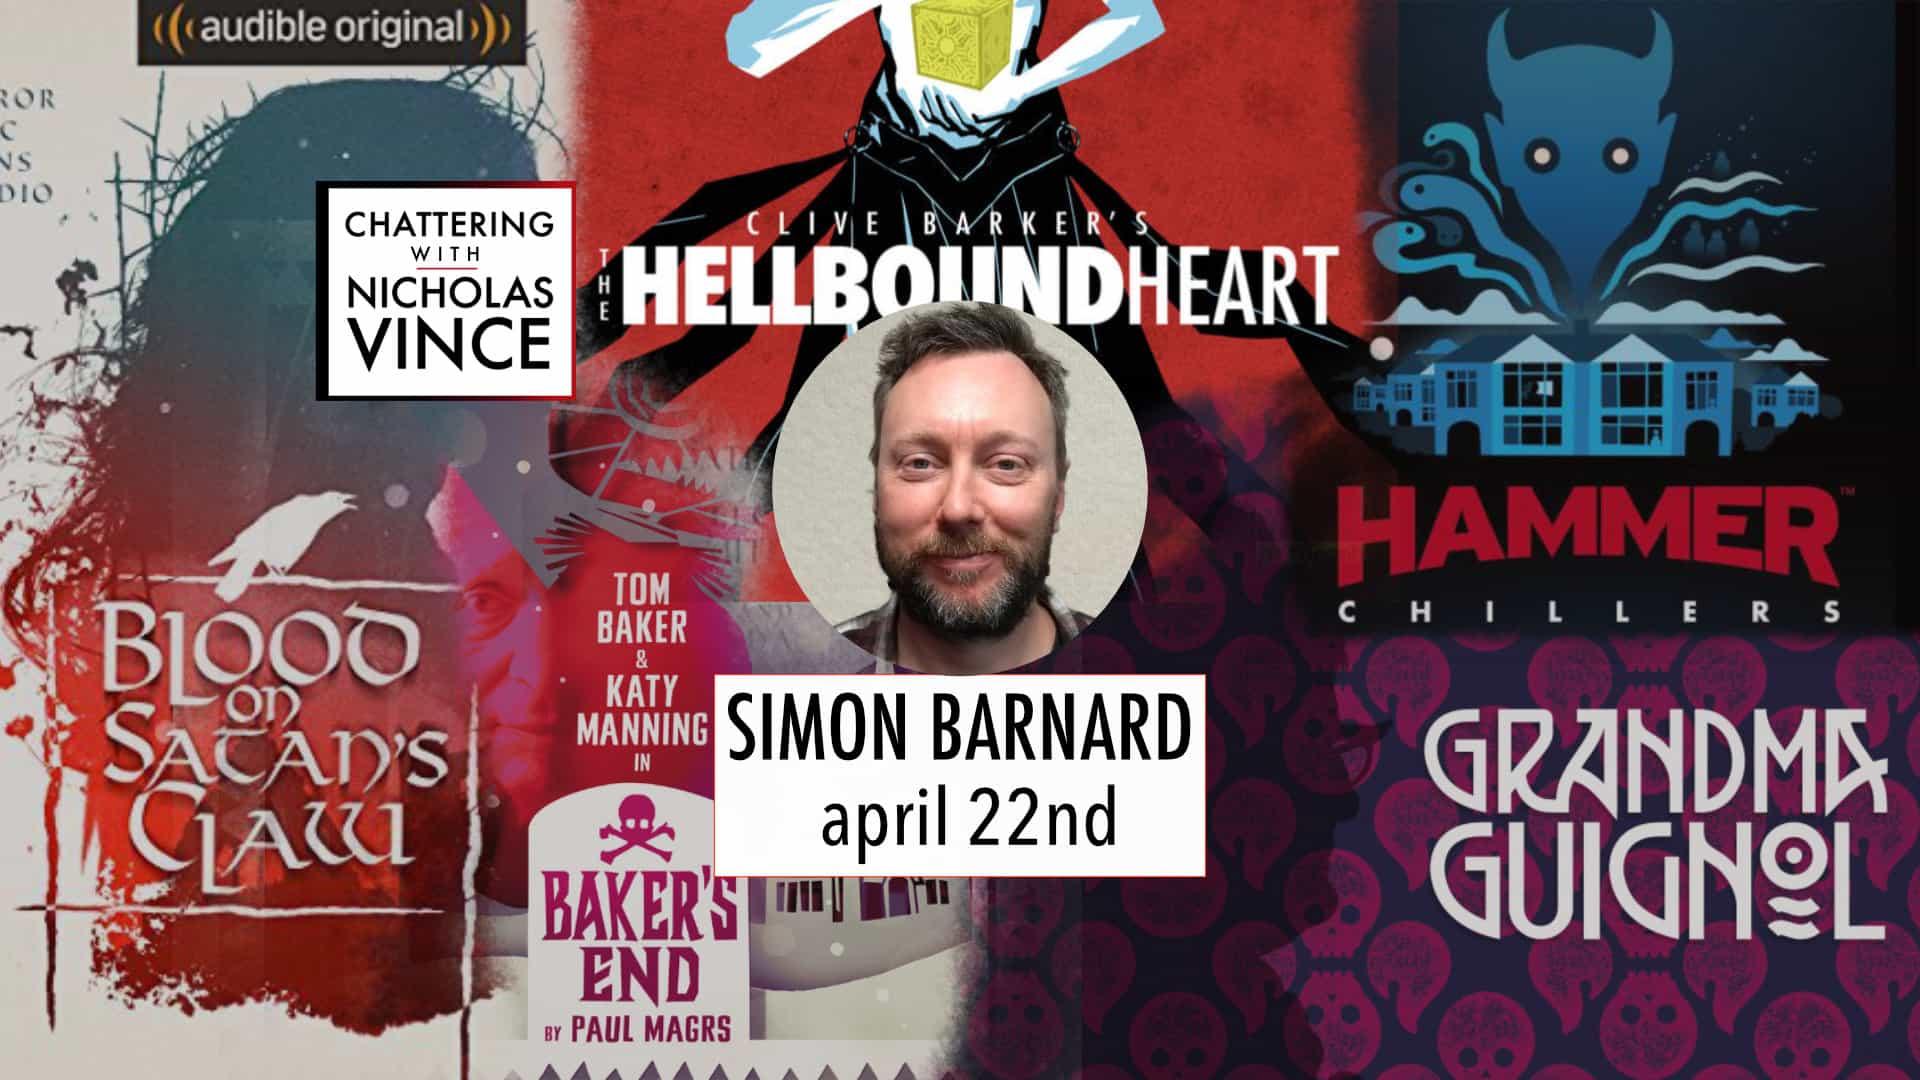 Chattering with Simon Barnard